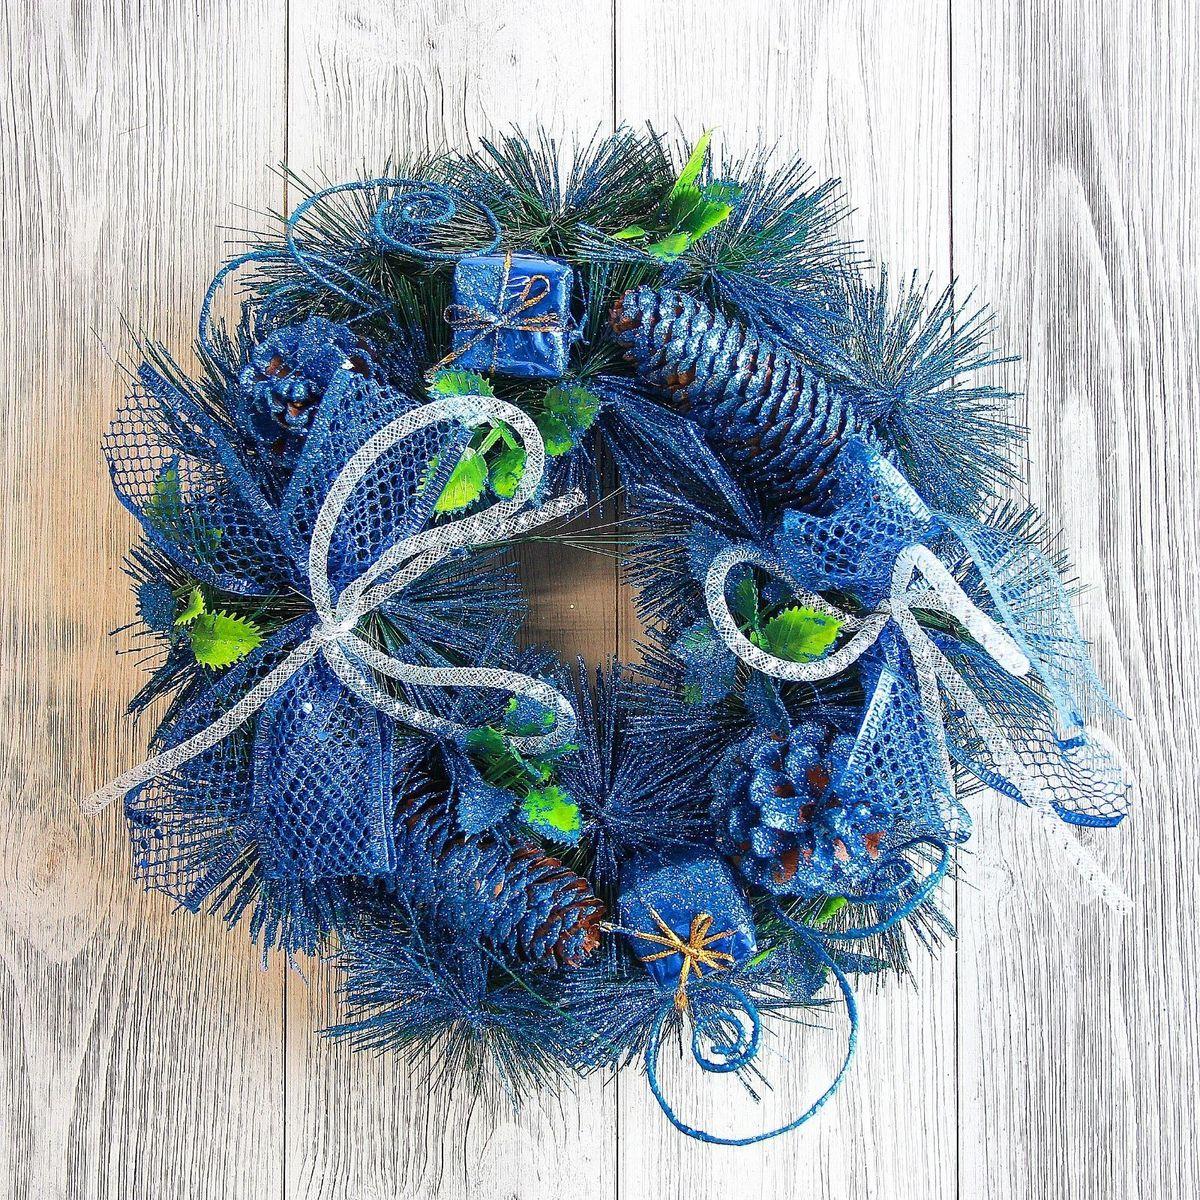 Венок новогодний Sima-land С синим декором и шишками, диаметр 26 см2371440Невозможно представить нашу жизнь без праздников! Мы всегда ждём их и предвкушаем, обдумываем, как проведём памятный день, тщательно выбираем подарки и аксессуары, ведь именно они создают и поддерживают торжественный настрой. — это отличный выбор, который привнесёт атмосферу праздника в ваш дом!